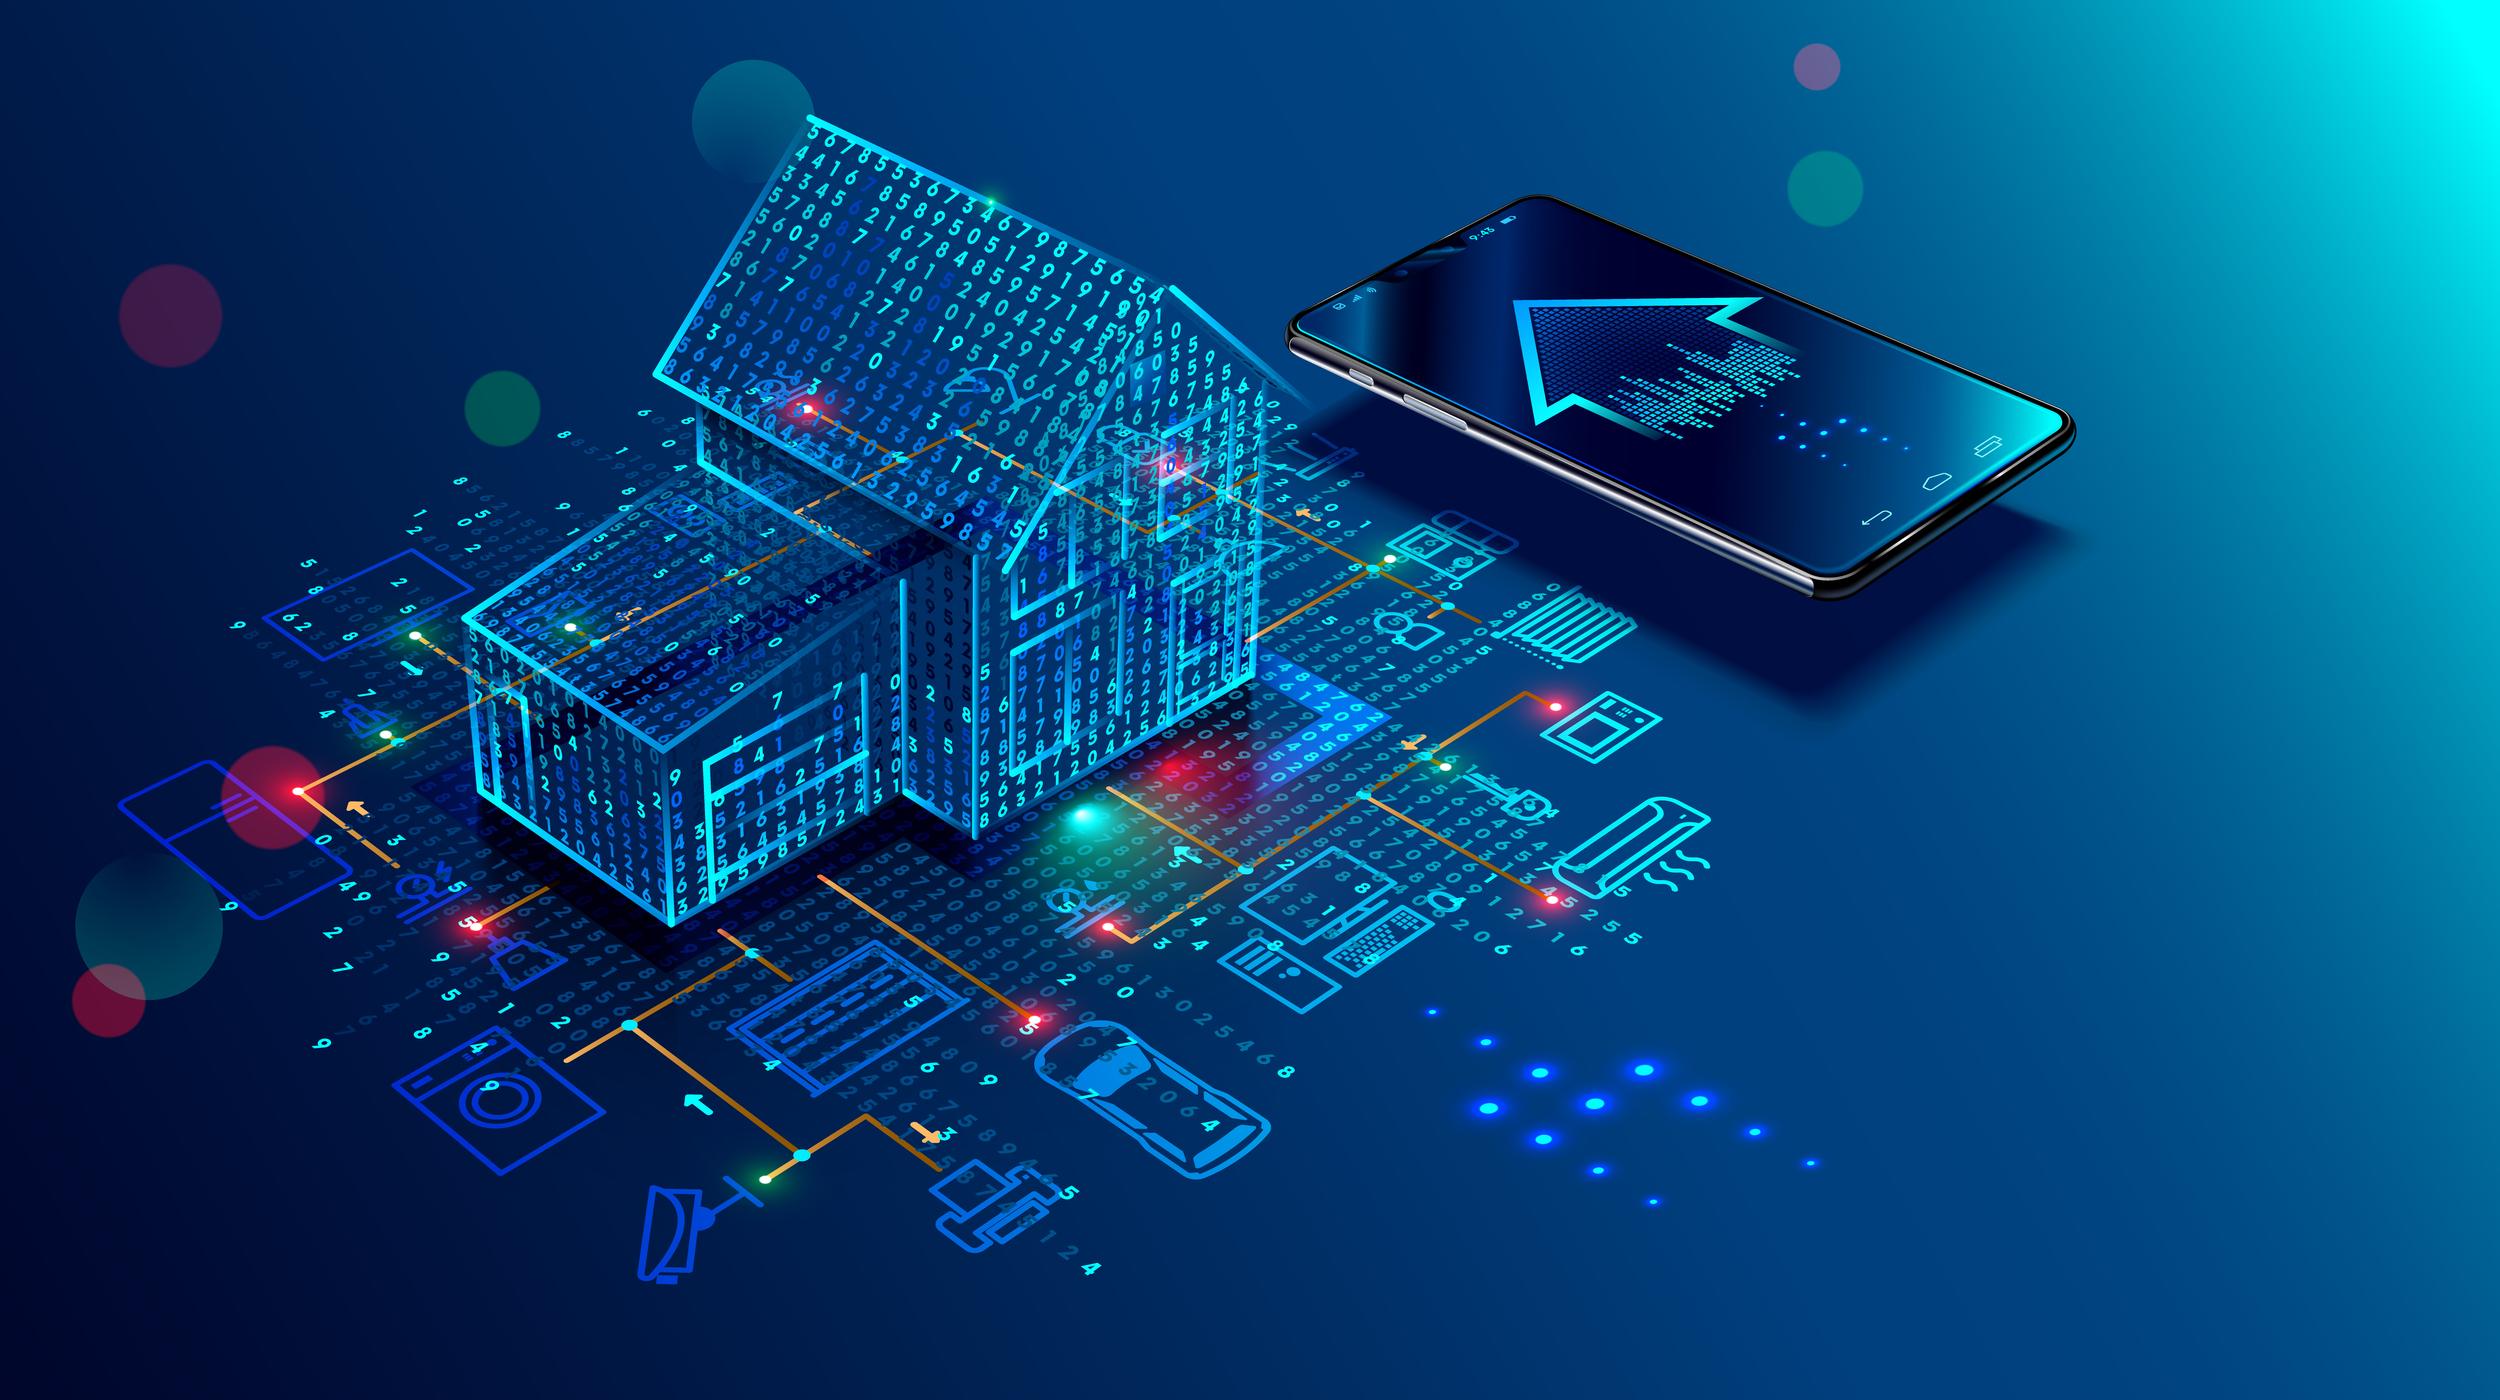 Le marché de la maison intelligente va-t-il décoller définitivement ?